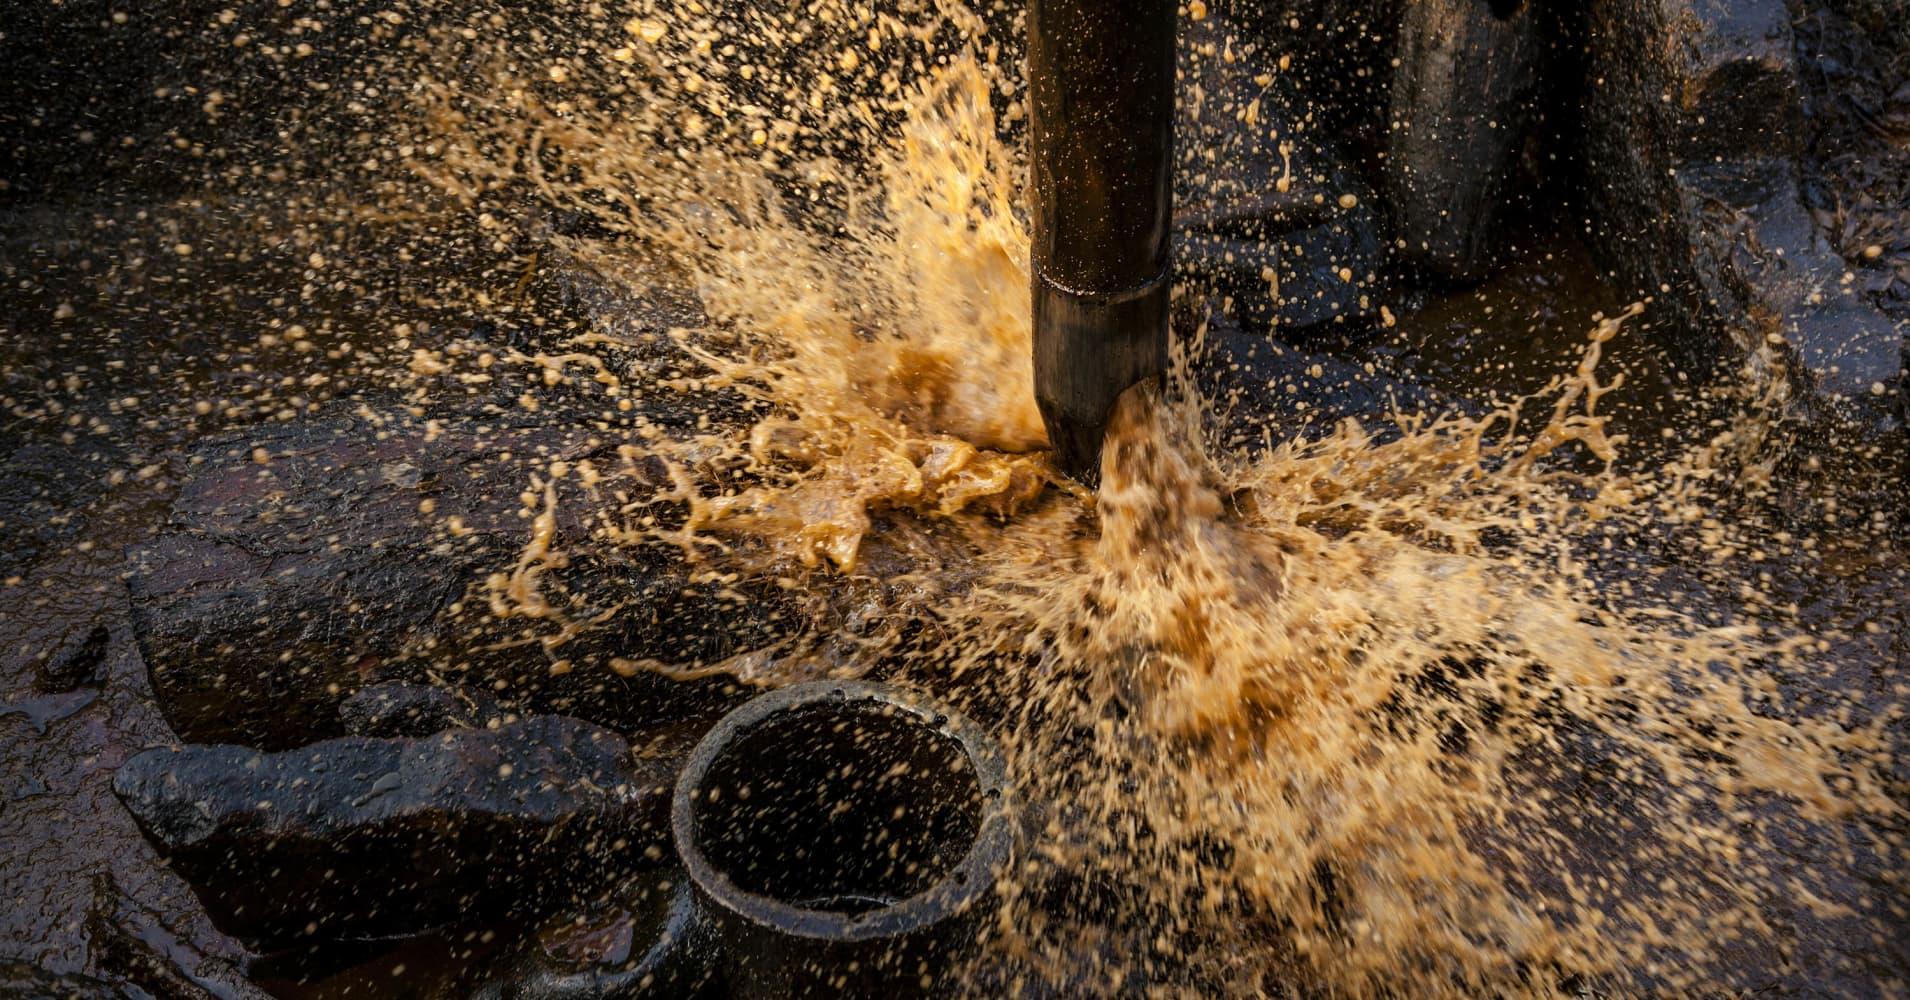 Live: Brent crude falls below $45 per barrel, hits 10-month low